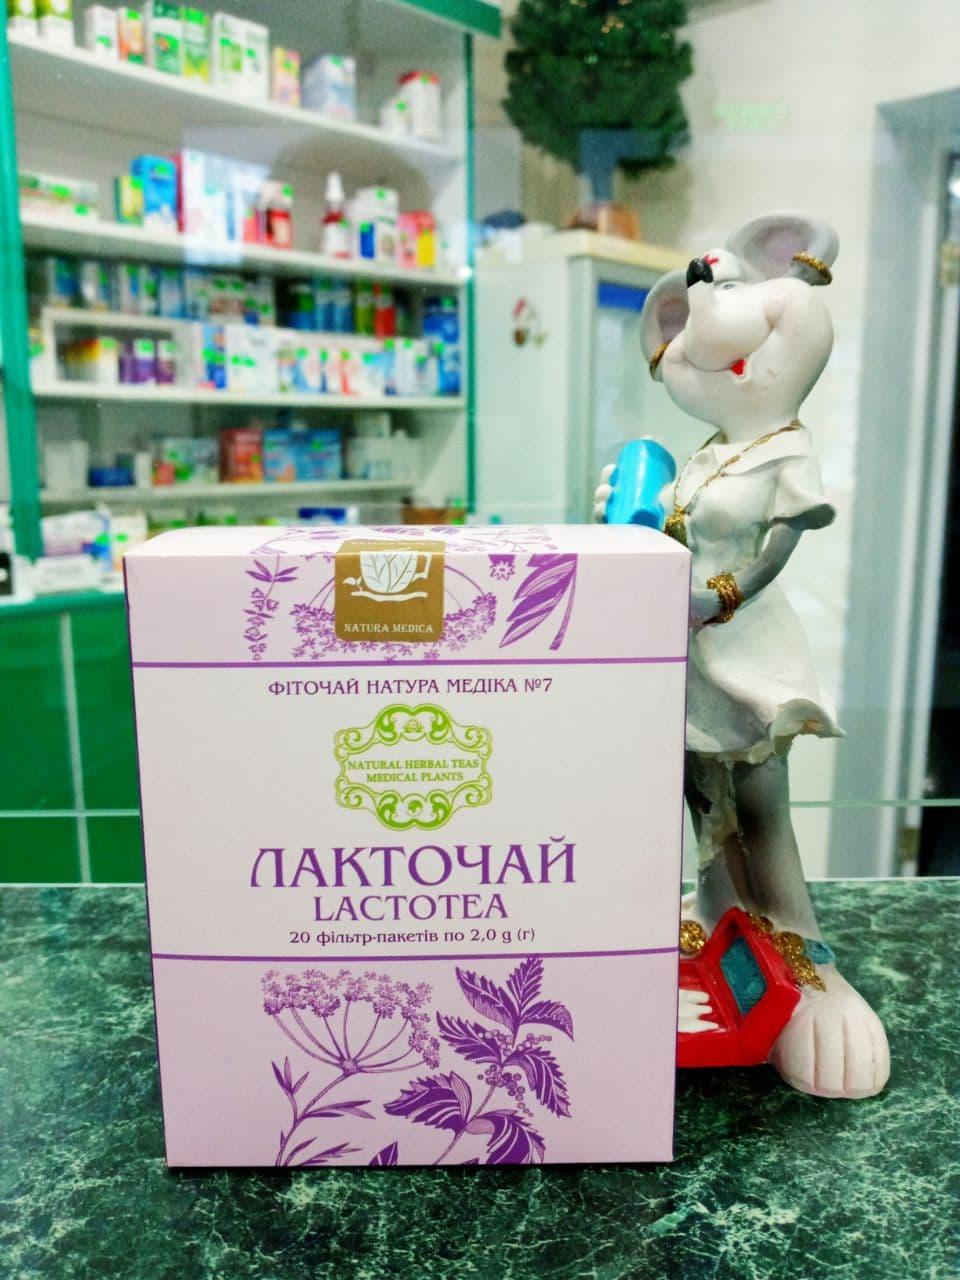 фиточай для улучшения лактации грудного молока